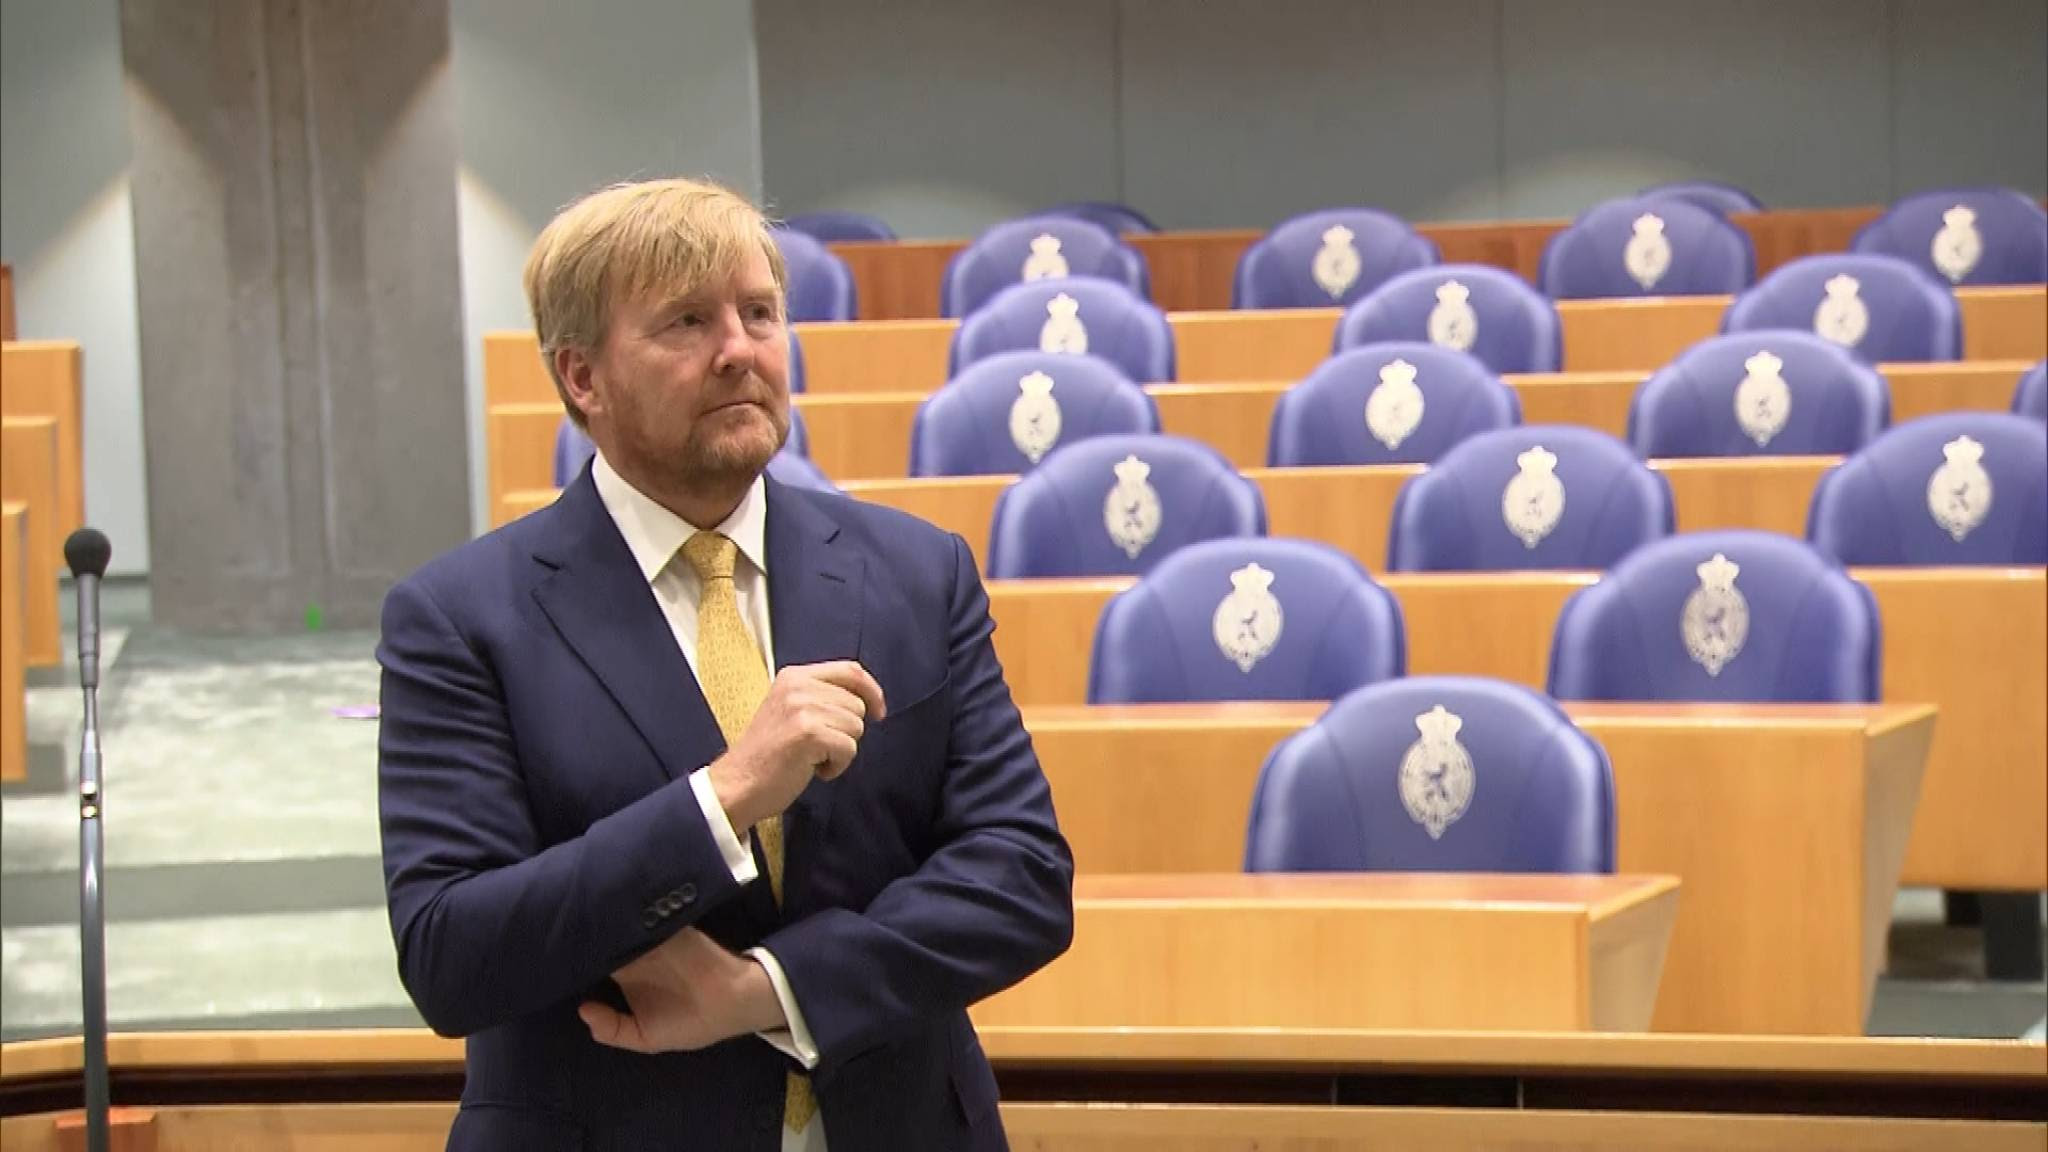 Kamer blijft vragen om meer inzicht kasboek koning, Rutte zegt nee